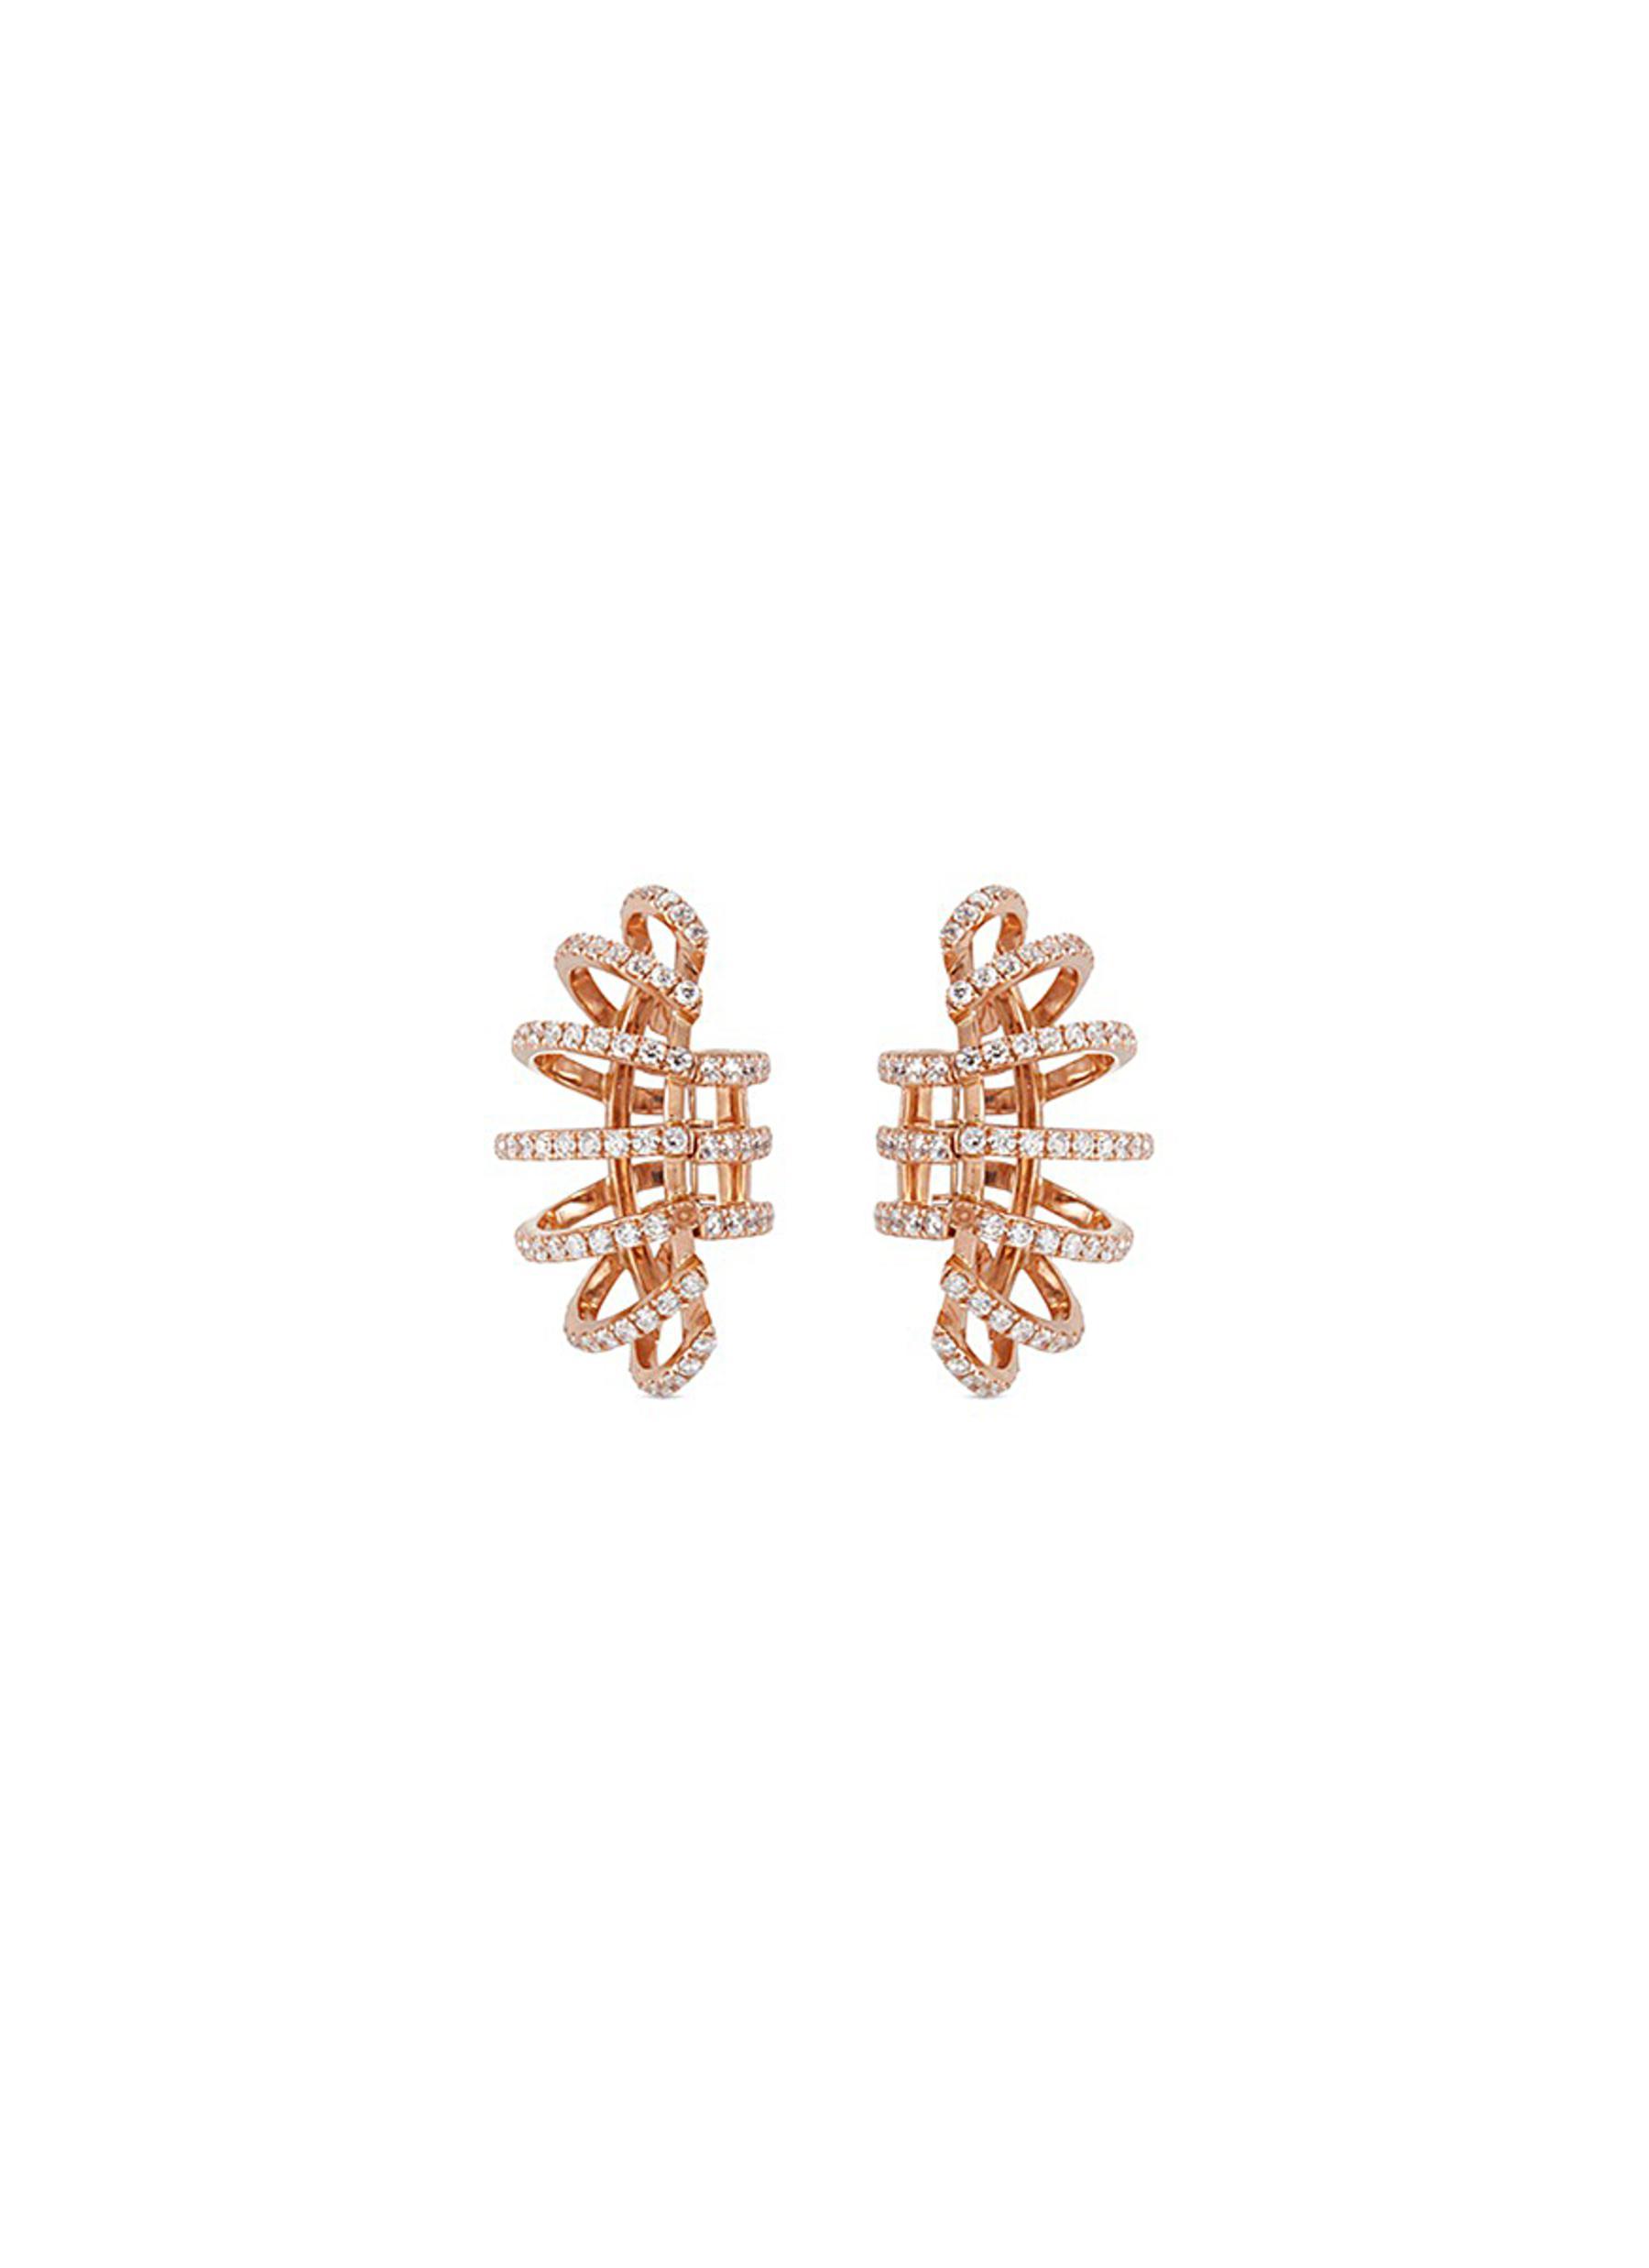 Diamond 18k rose gold clip earrings